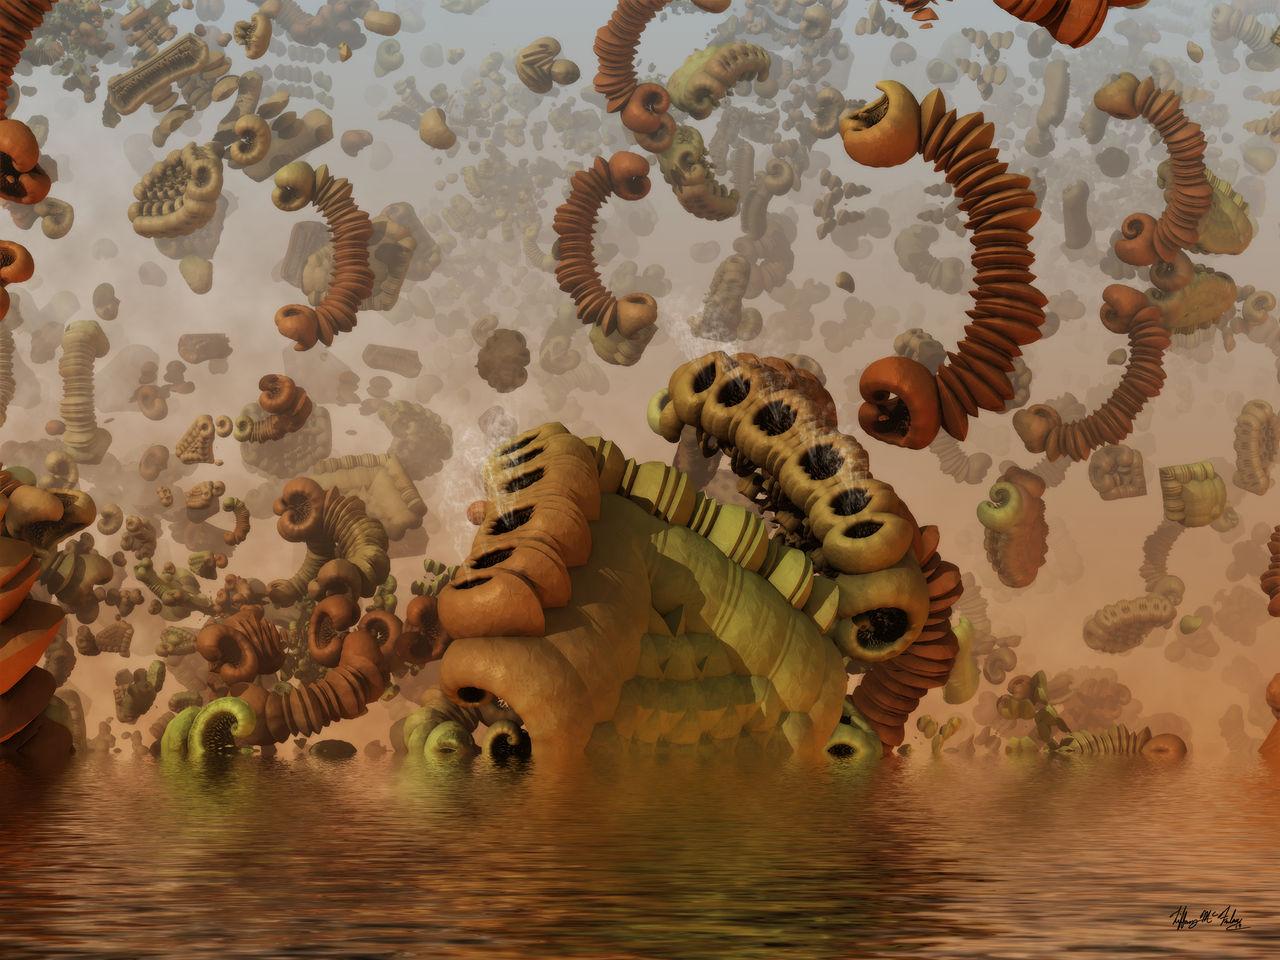 Vermicious Planet